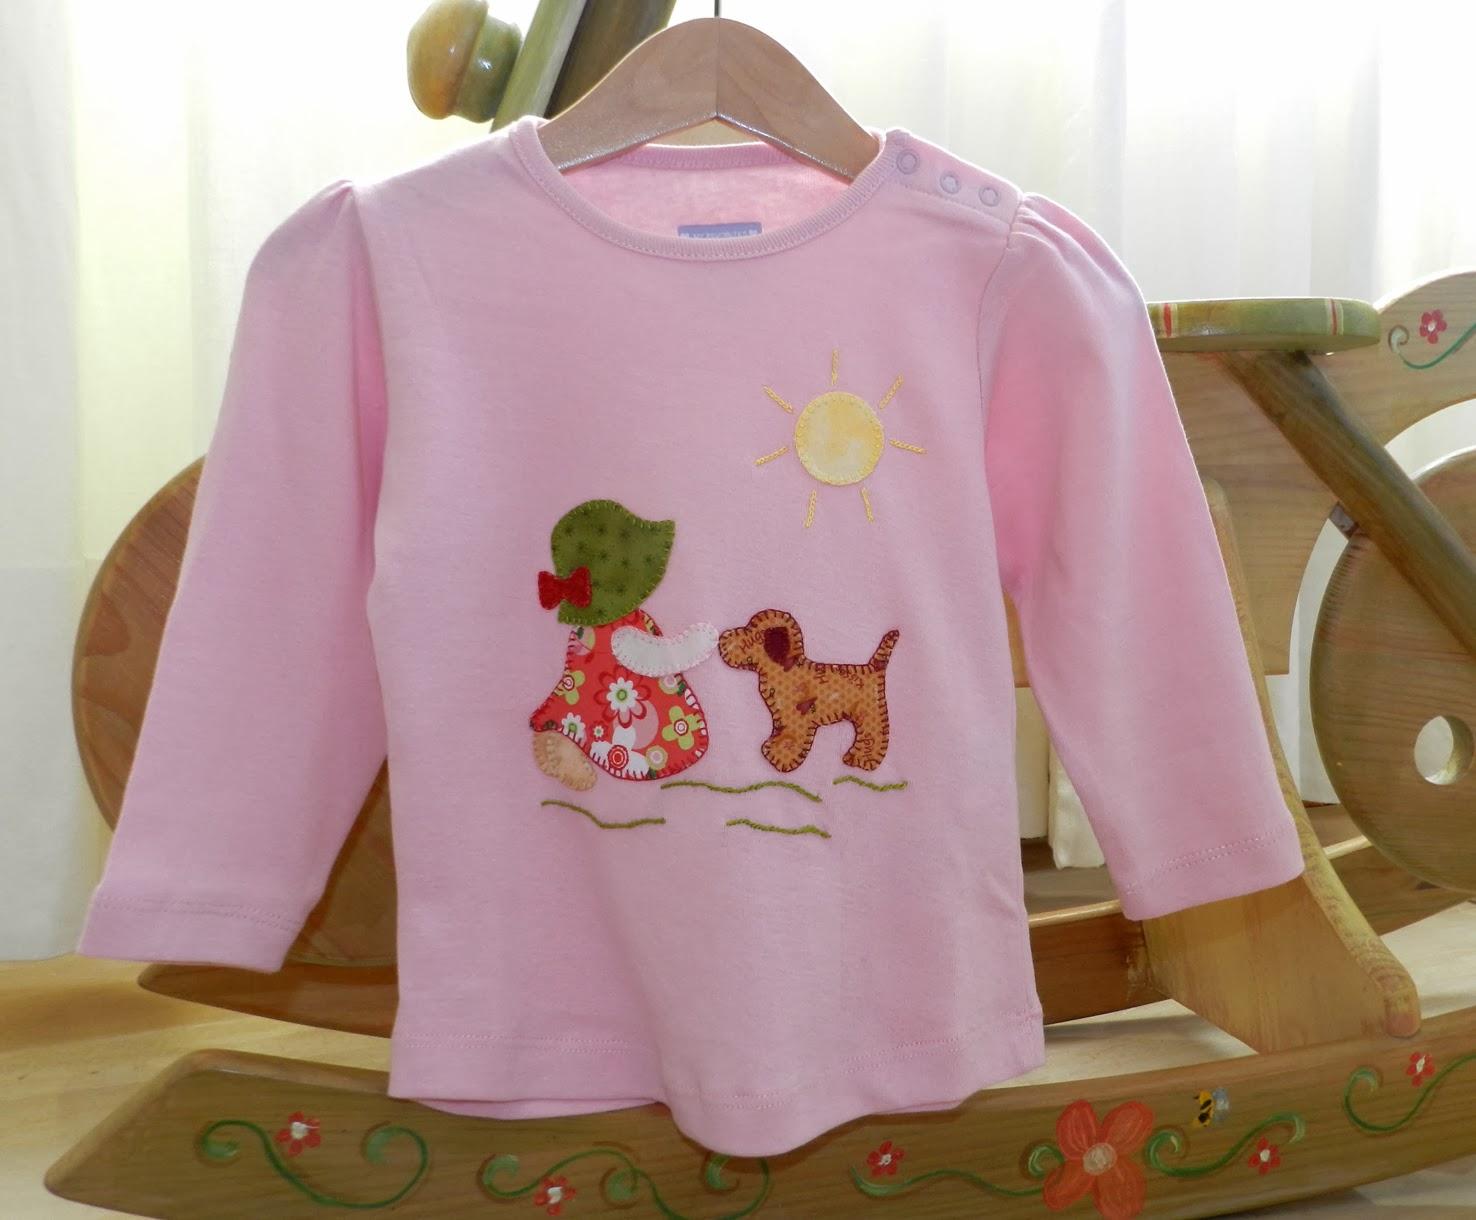 patchwork, camiseta con aplicaciones de patchwork, camisetas patchwork, Sunbonnet Sue, camiseta niña, ideas para regalar, regalos, camisetas